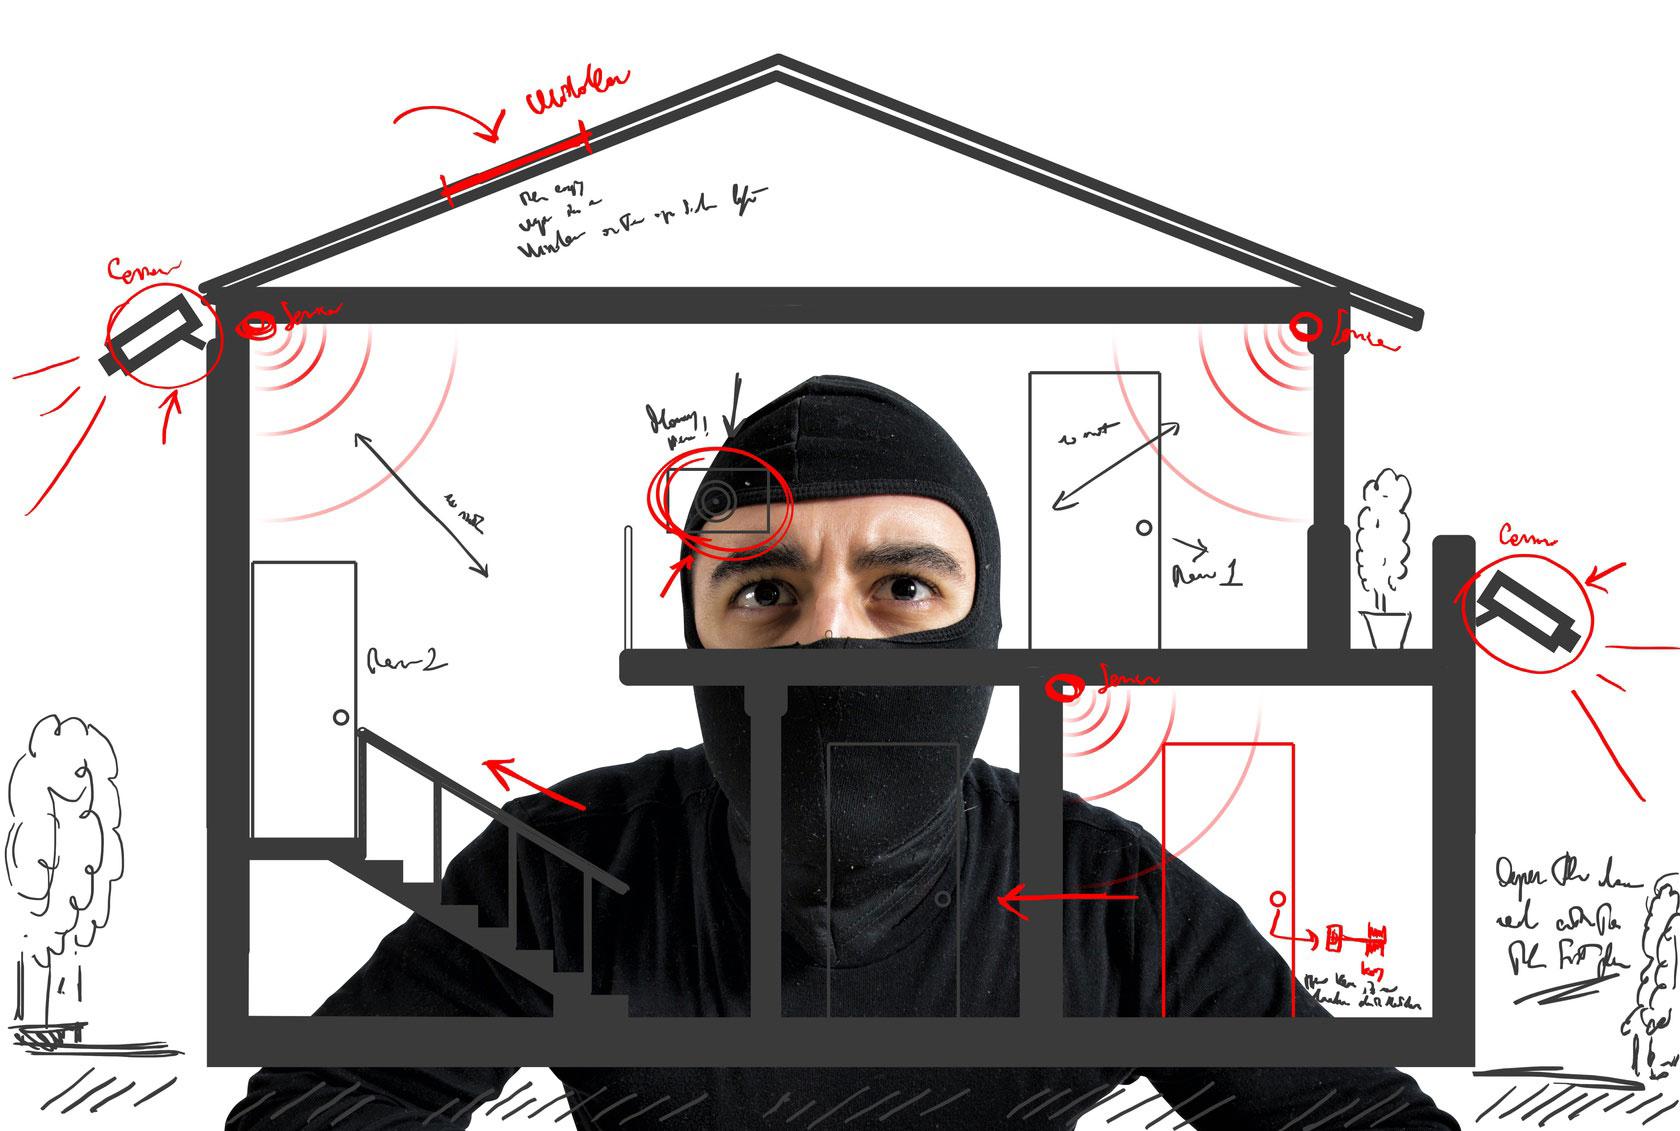 Alarmanlagen Sicherheit Beratung Kostenlos, kompetent und unverbindlich vor Ort durch FocusControl